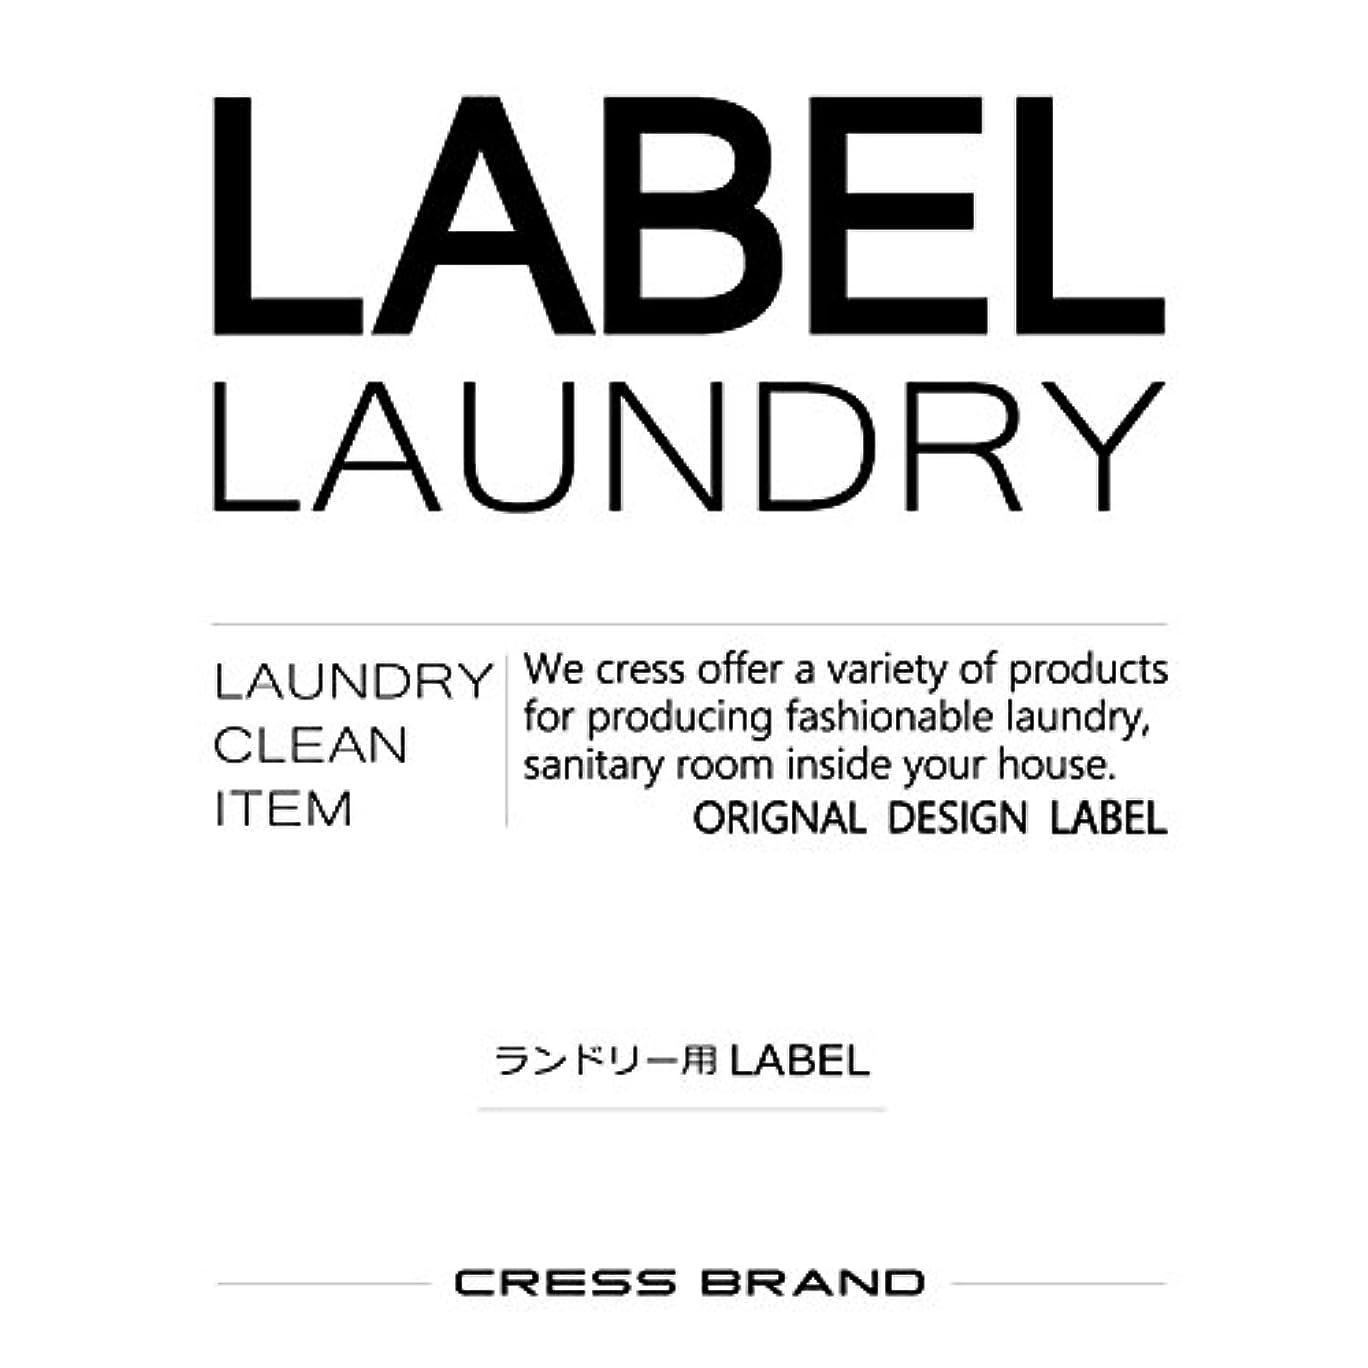 発生器アーサーコナンドイルキラウエア山Stylish-Laundry-label『スタイリッシュ調?ランドリーラベル』ラベルのみ